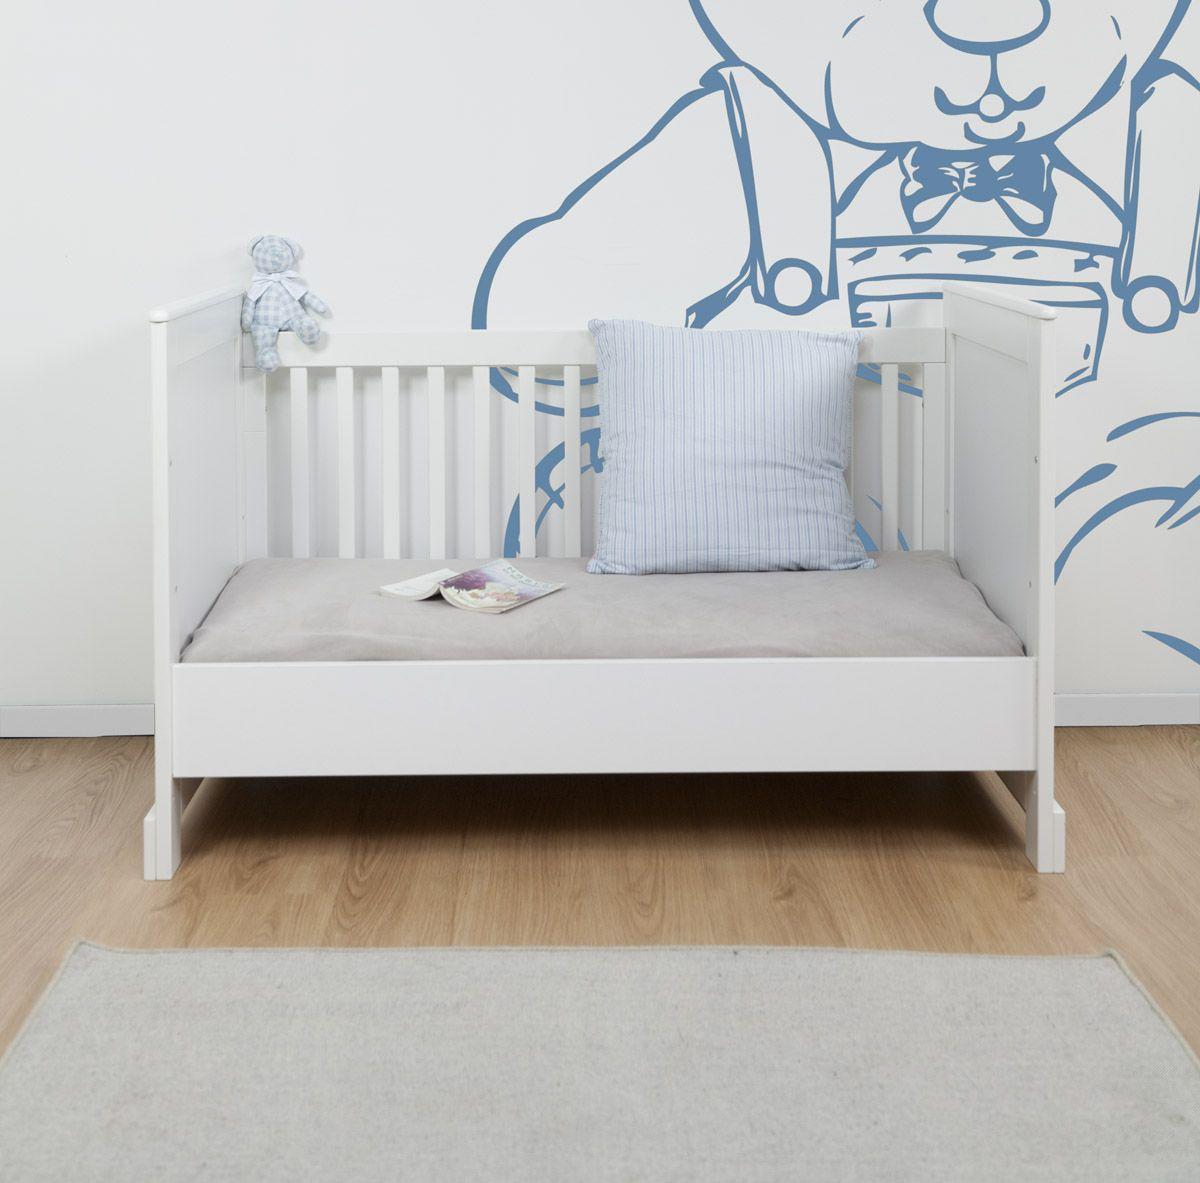 Wanneer Naar Peuterbed.Wanneer Uw Kindje Uit Het Babybed Groeit Heeft U Al Een Groter Bed